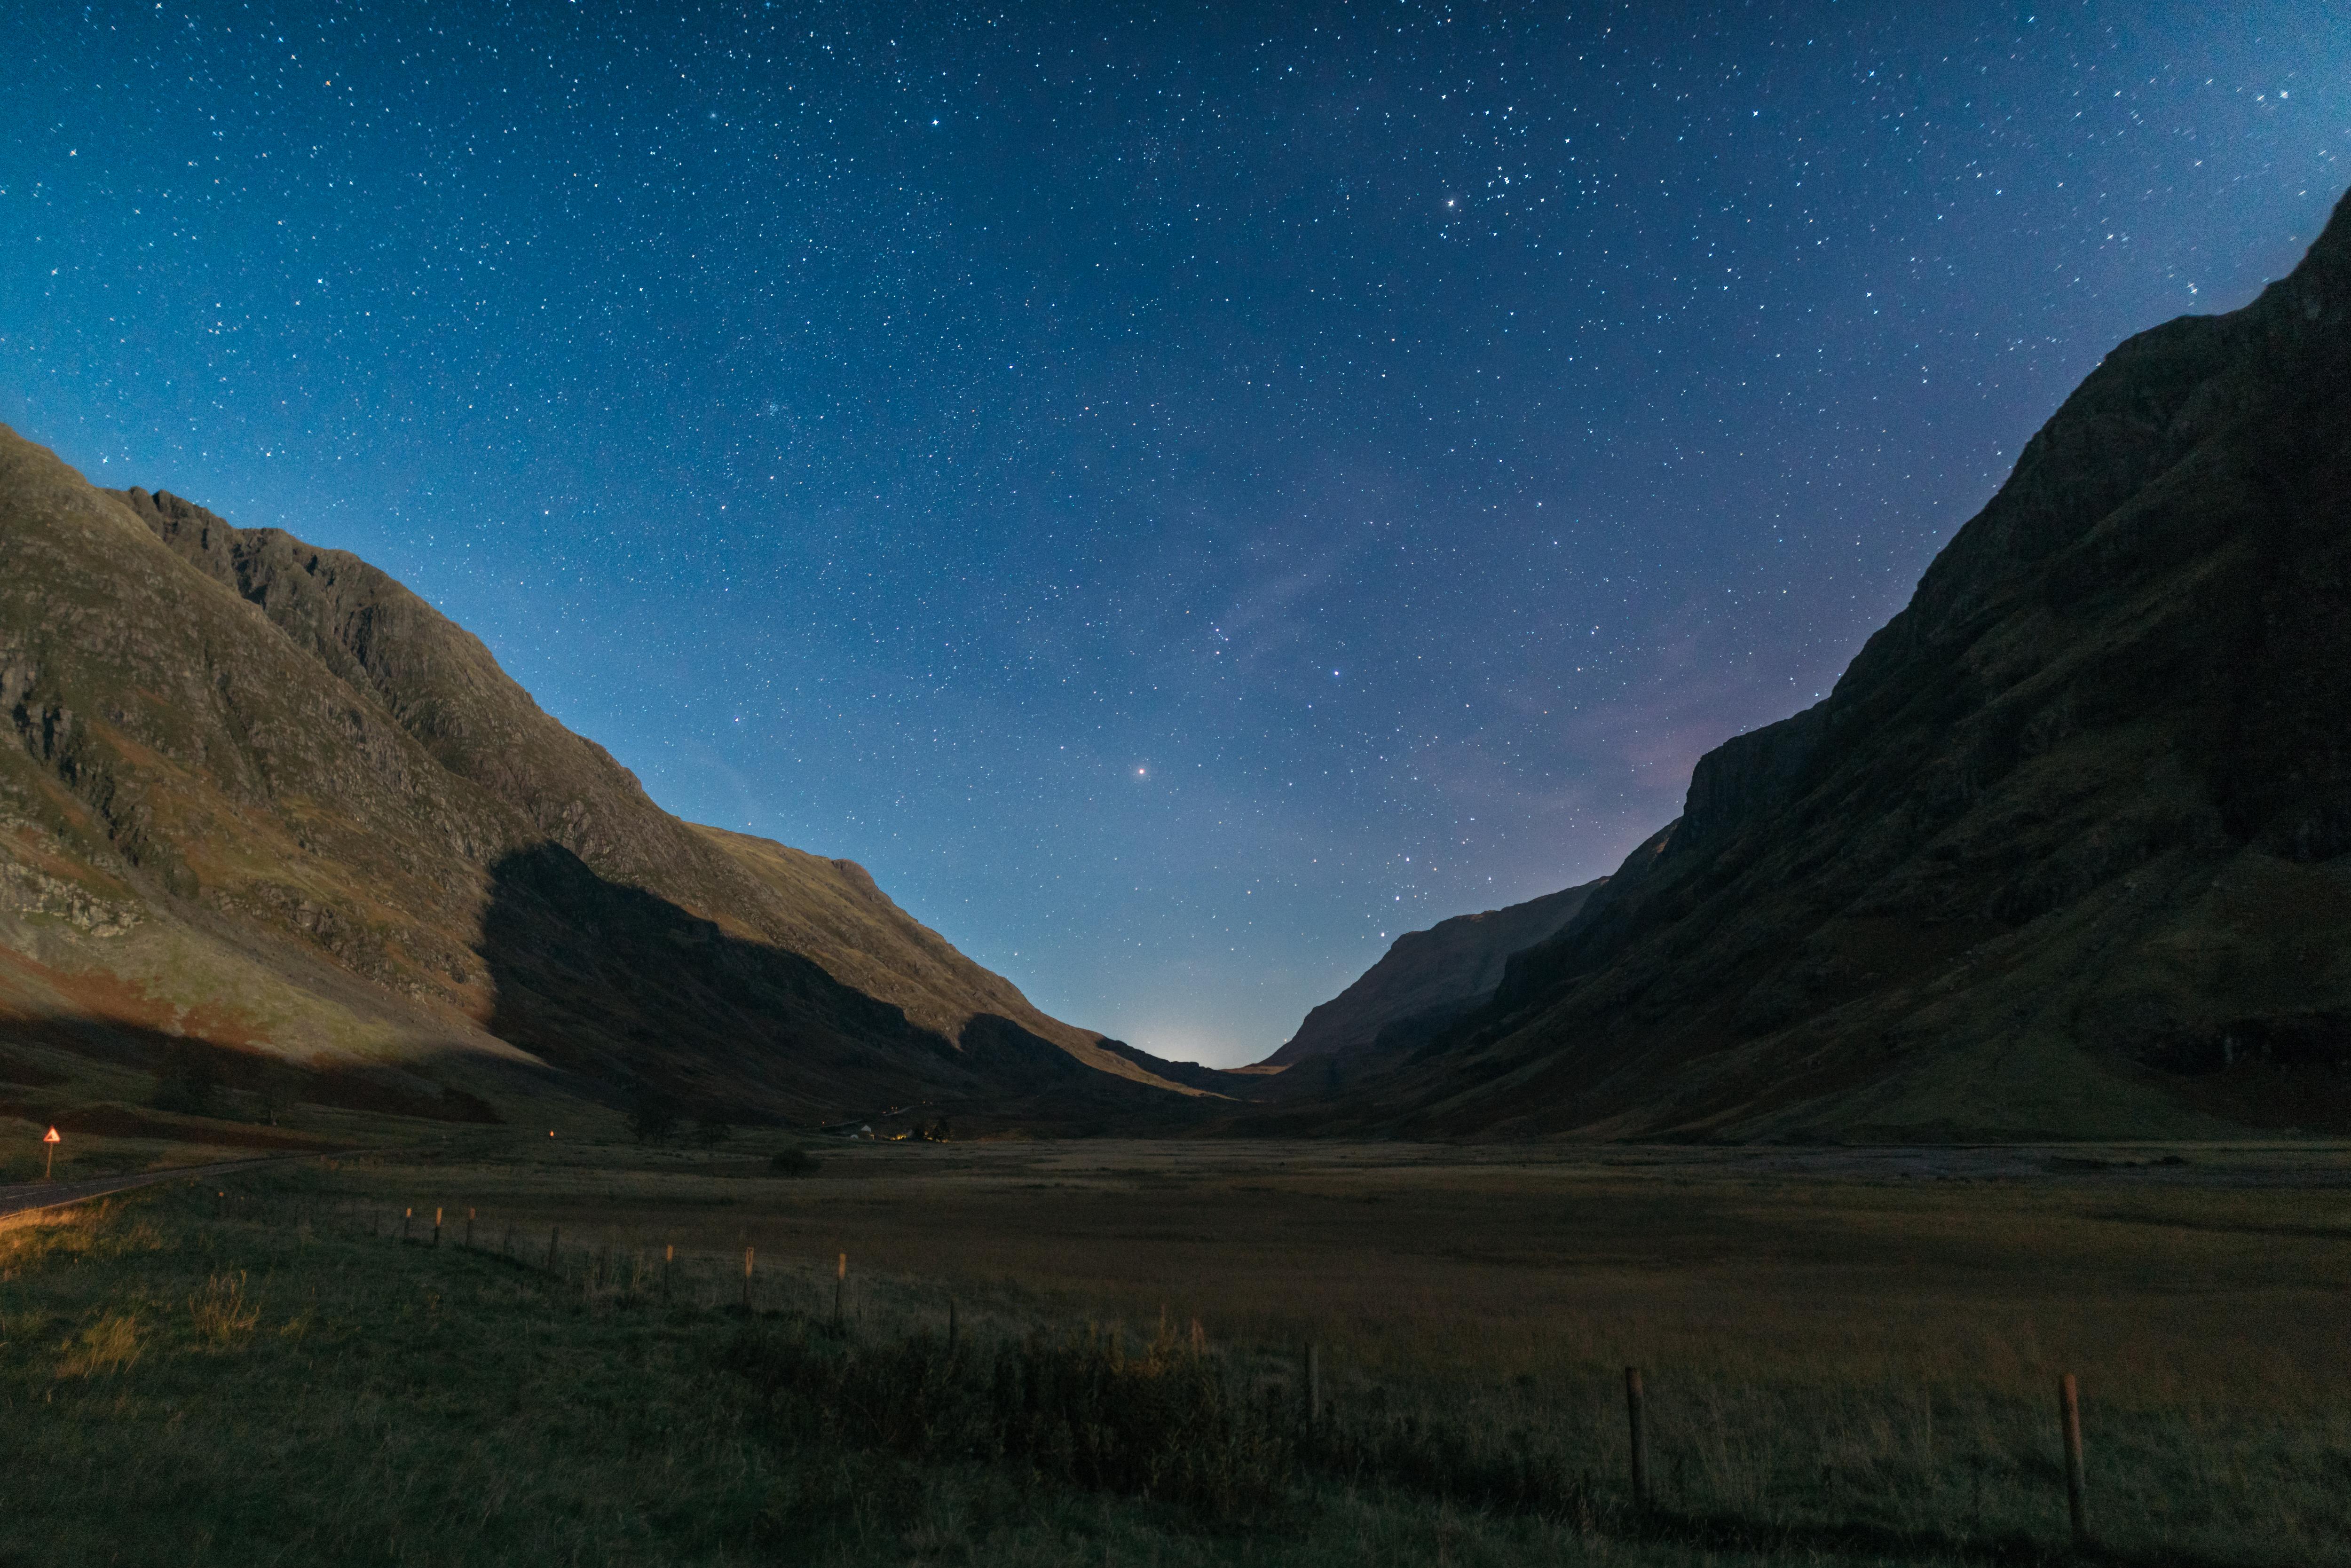 Mountain Under Starry Night